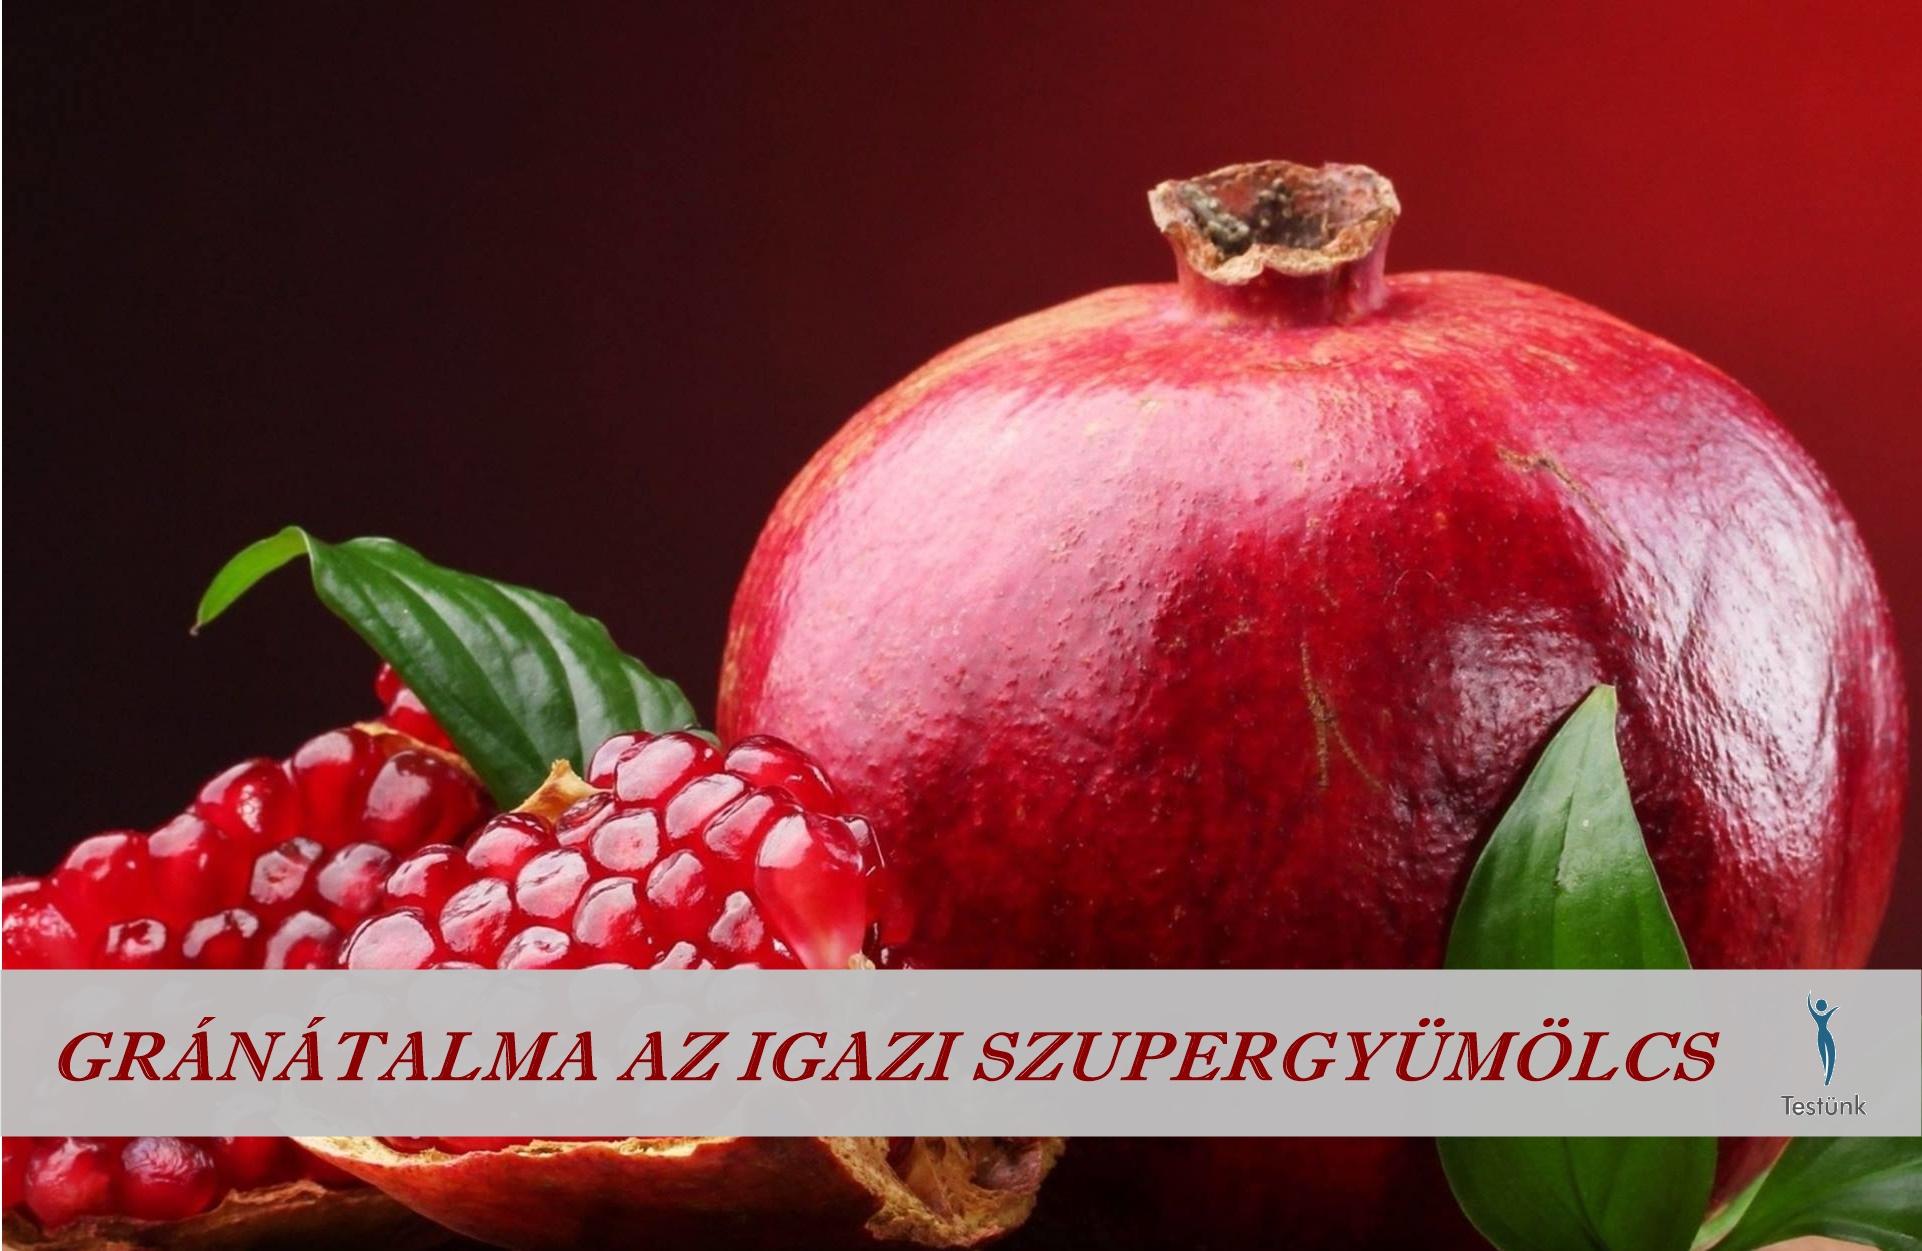 pomegranate_granatalma_az_igazi_szupergyumolcs.jpg